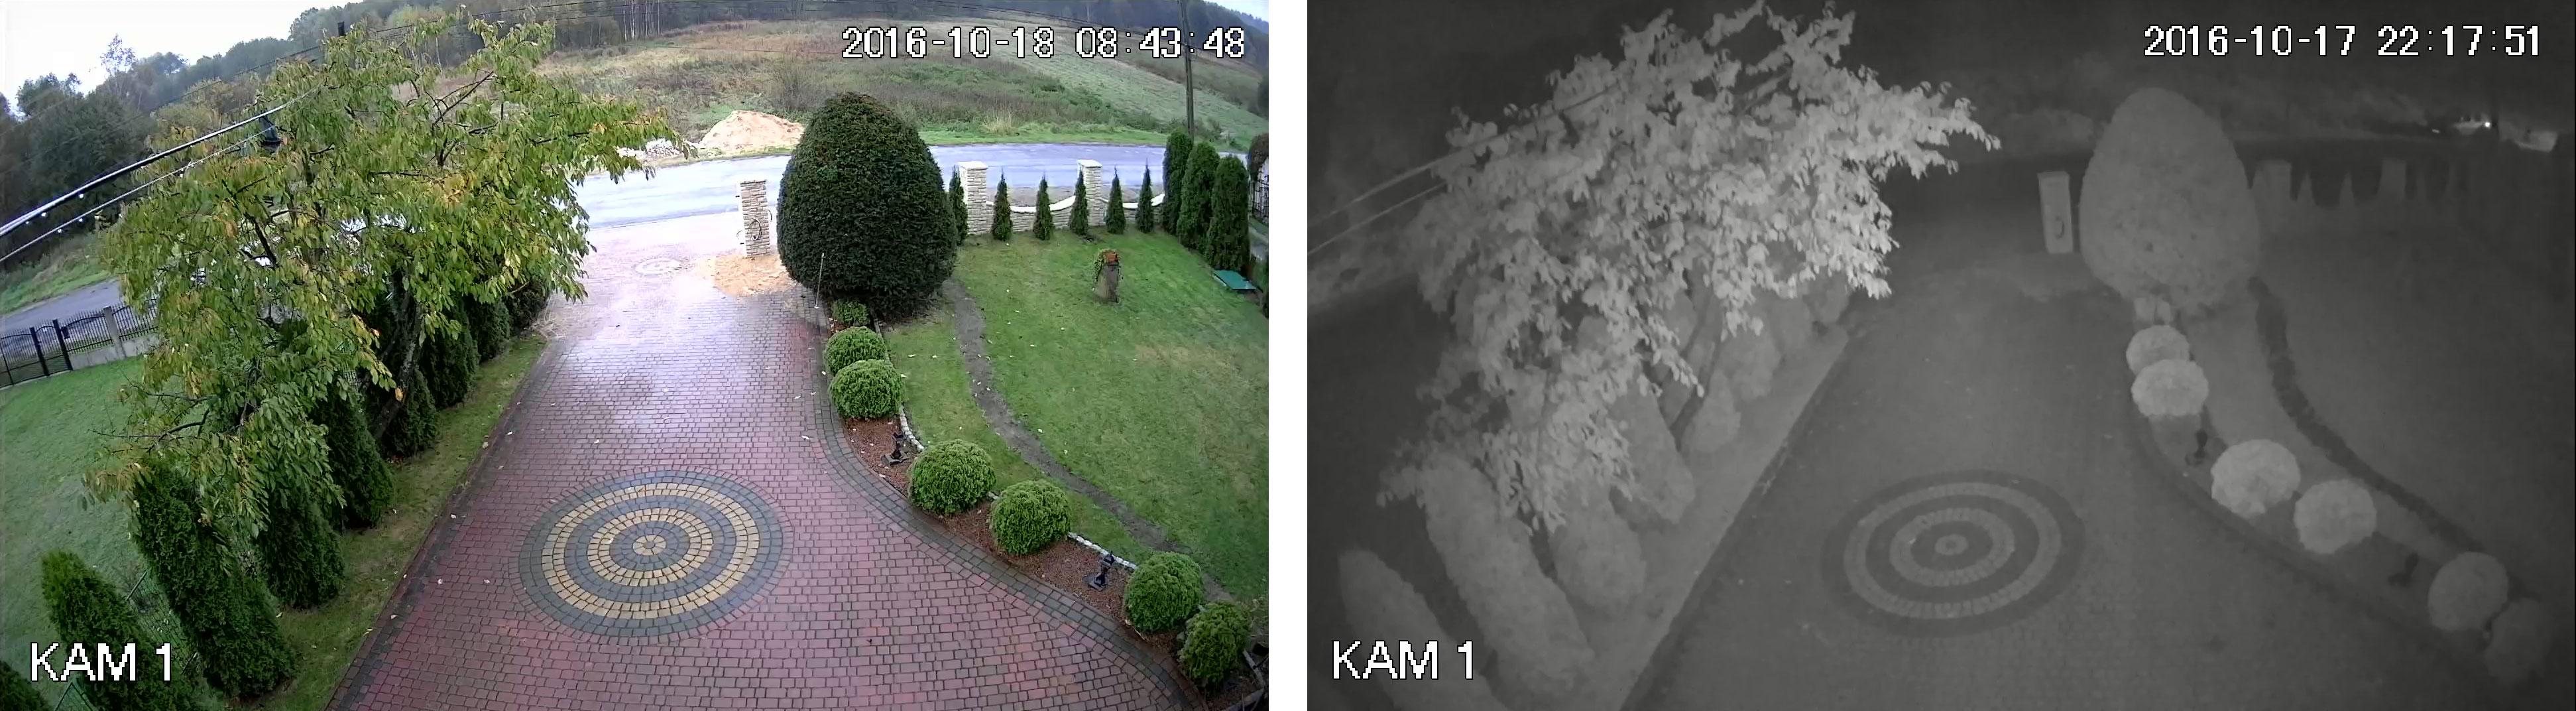 Podgląd obrazu z kamery PIXIR w trybie dziennym i nocnym